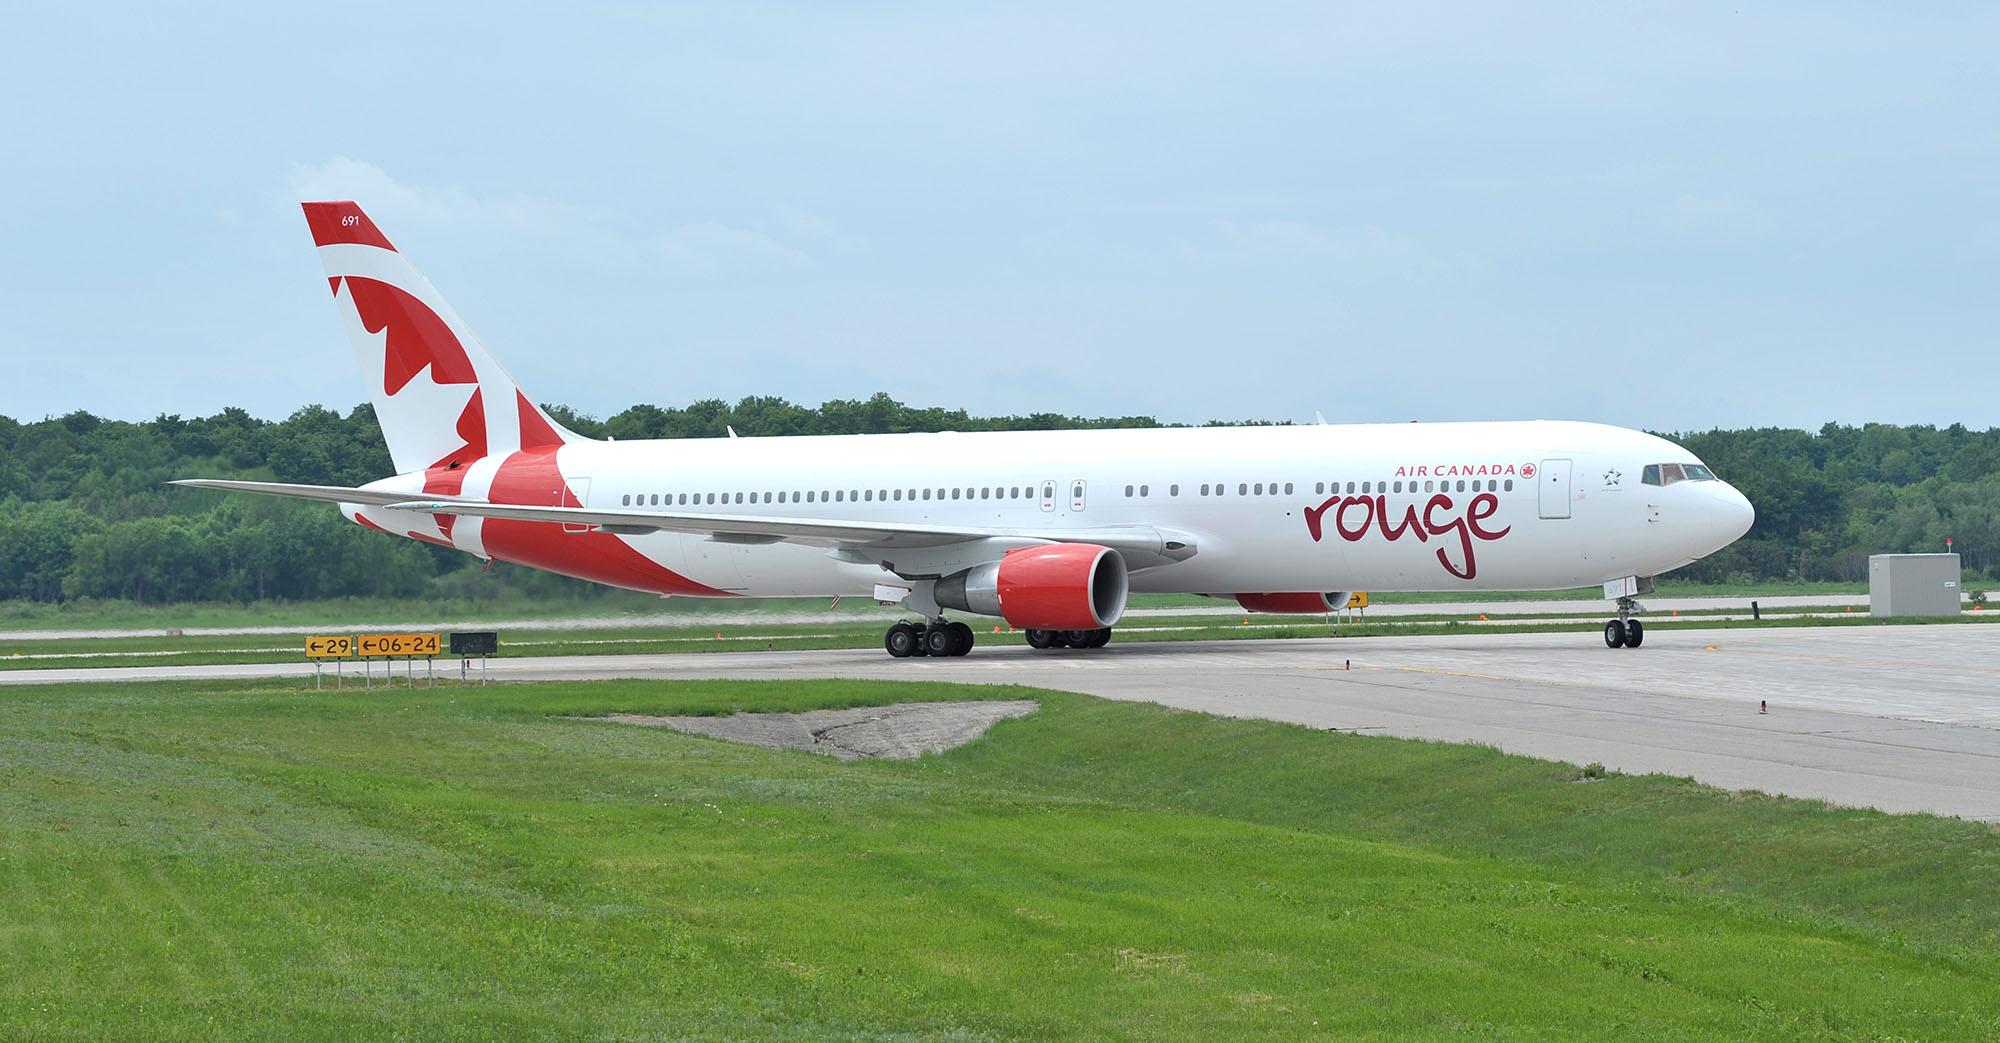 Aerolínea 'low cost' Air Canada Rouge abrirá ruta a Ecuador en 2019